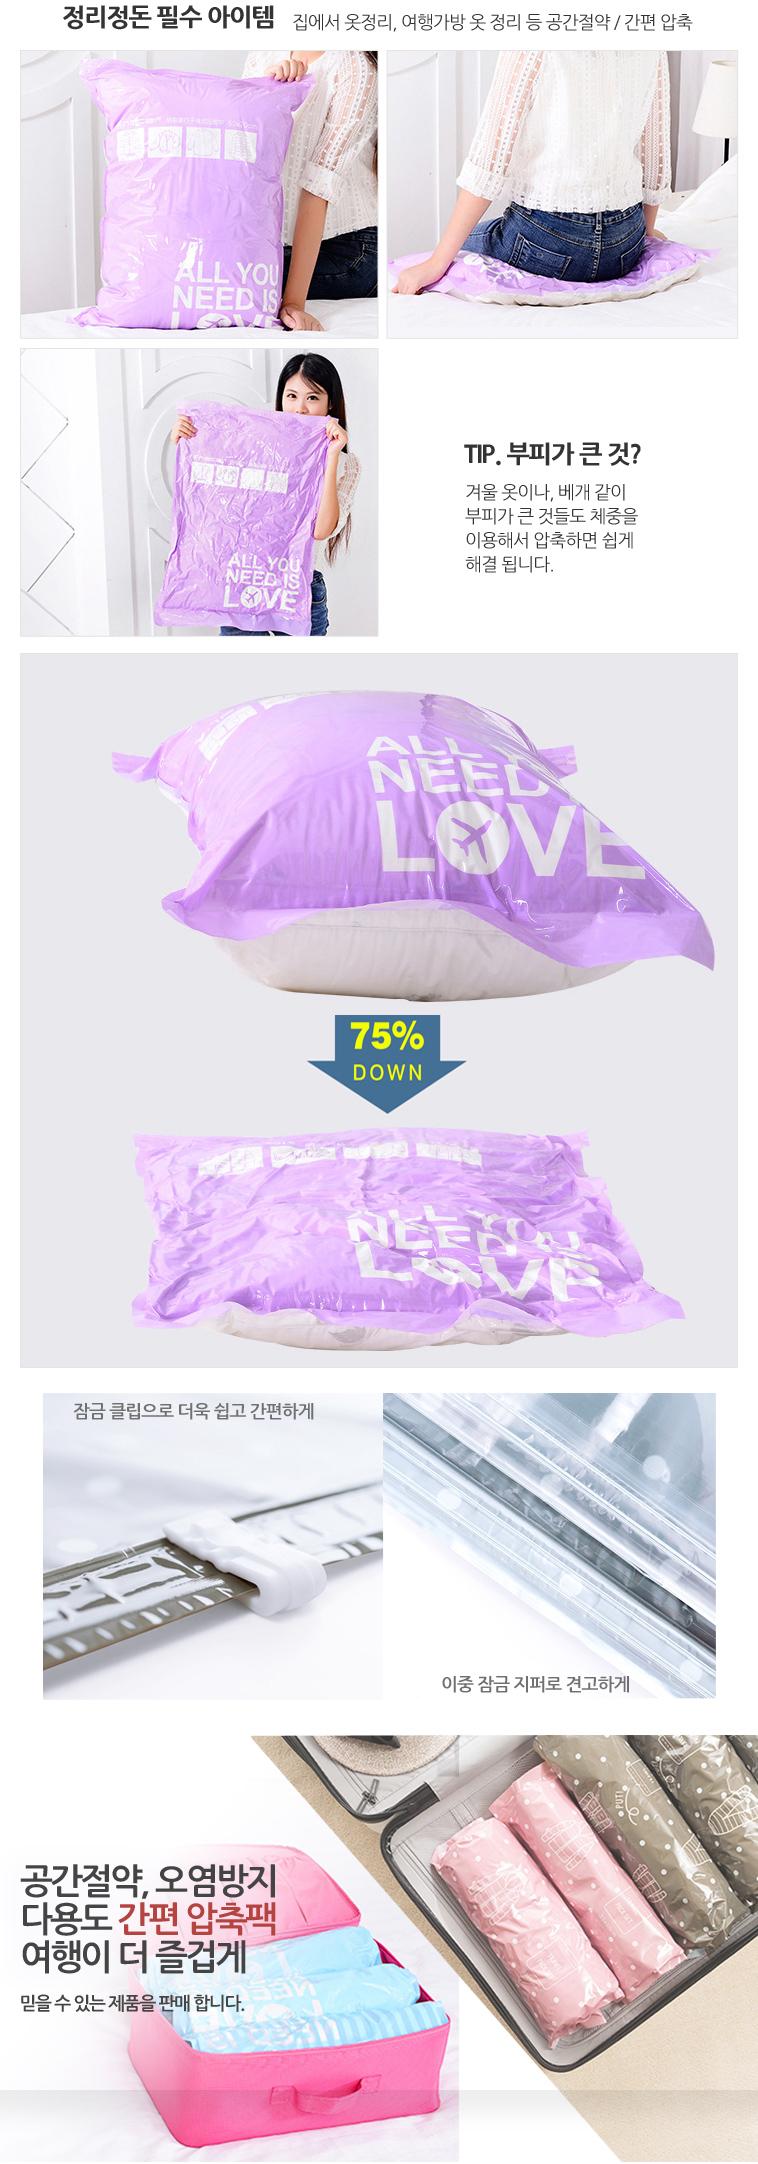 nacai 여행용 압축팩 2매 중형 - 바오마루, 5,500원, 트래블팩단품, 지퍼/비닐백